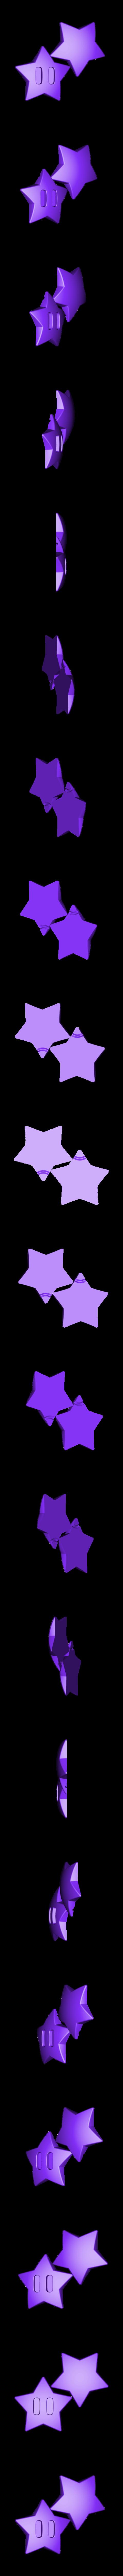 MarioStar-Split-Pendant.stl Télécharger fichier STL gratuit Décorations Mario Star • Design pour impression 3D, tone001